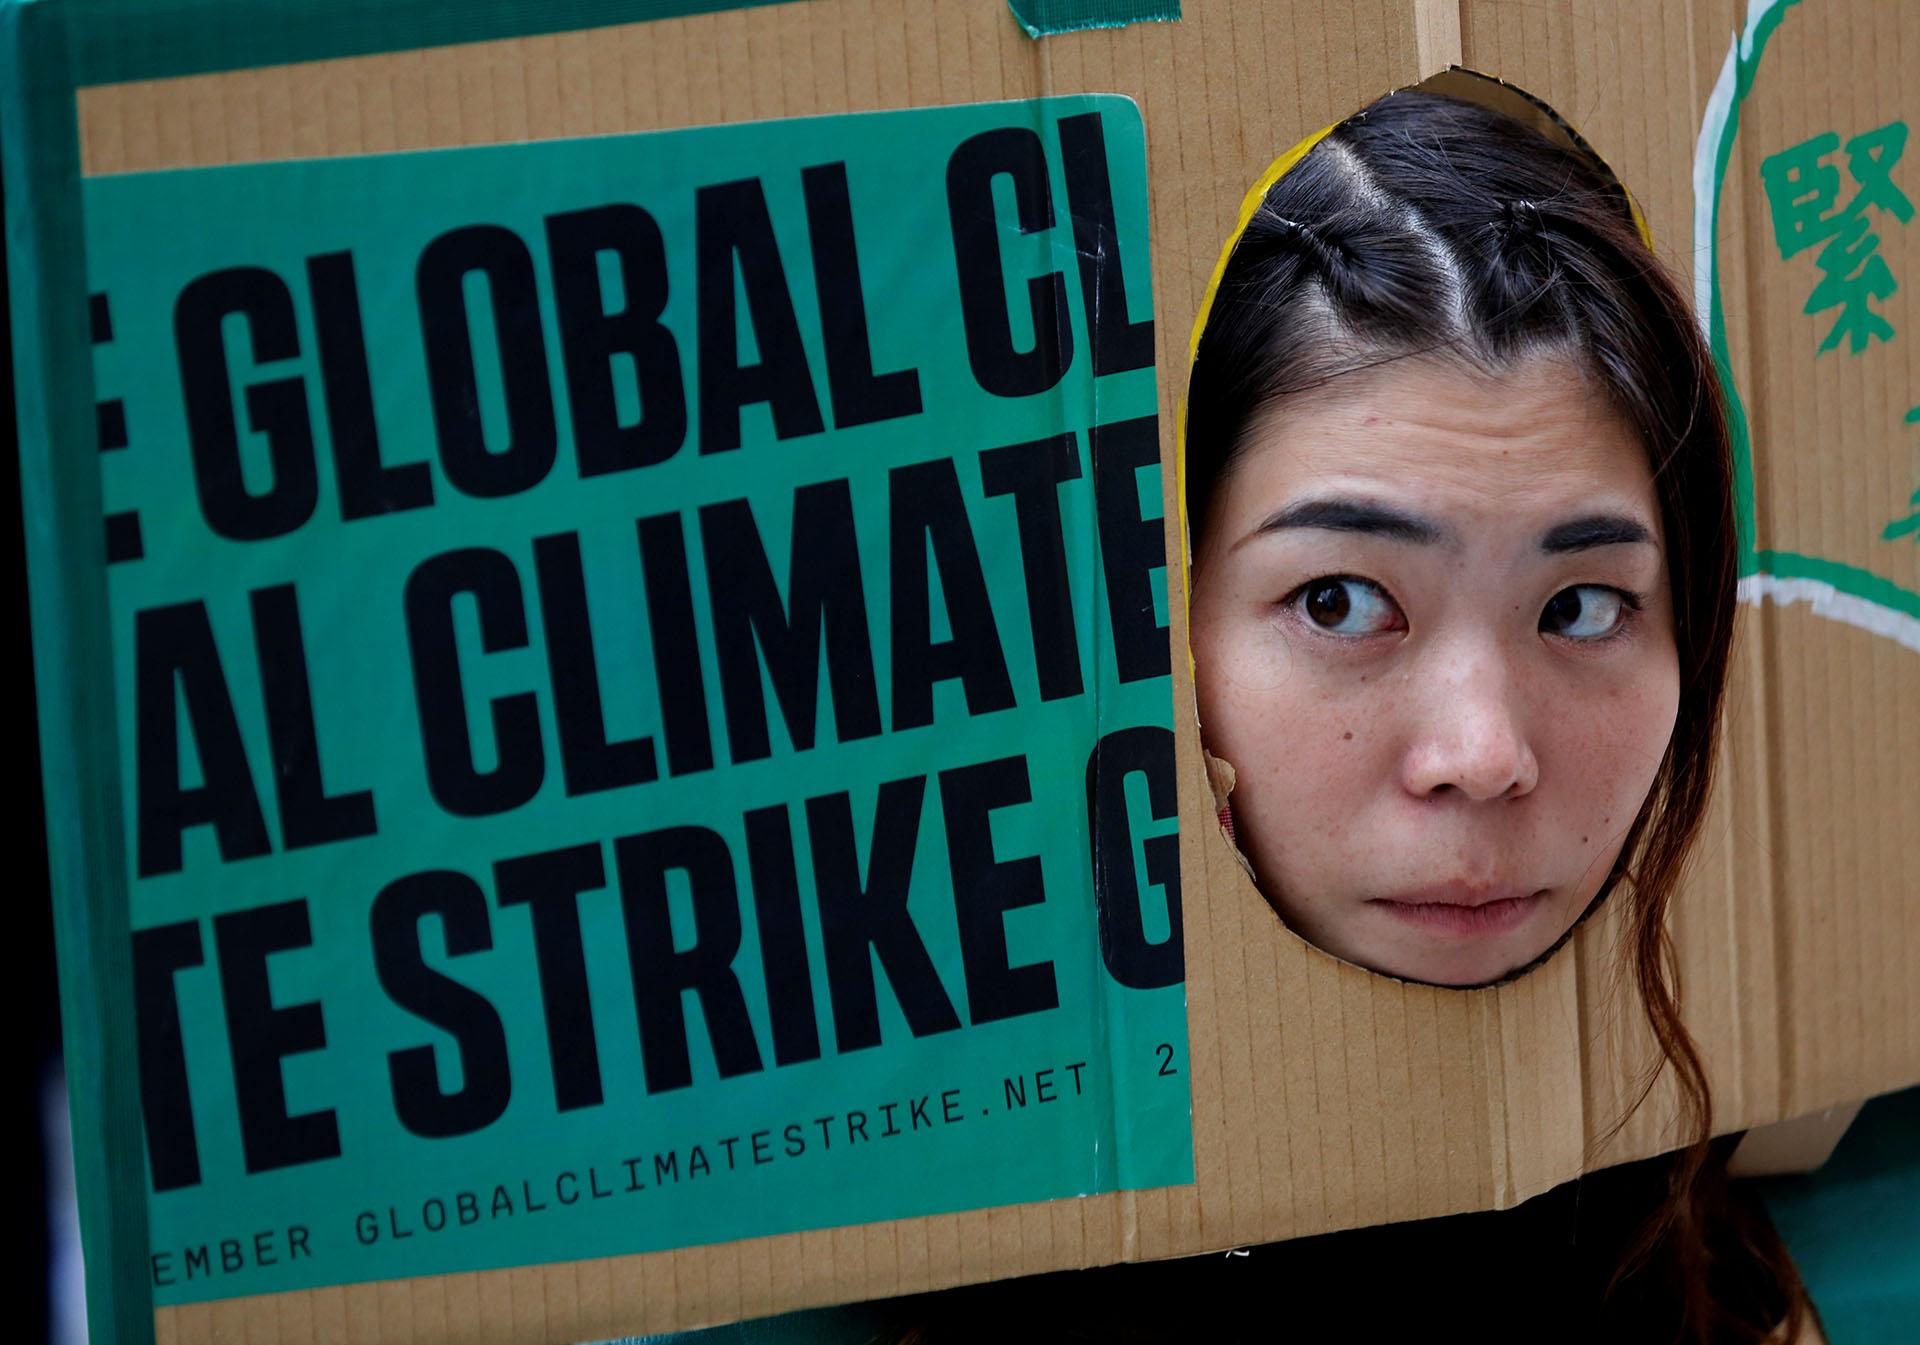 Una mujer asoma su rostro a través de una pancarta en la huelga climática celebrada en Tokio, Japón (REUTERS/Kim Kyung-Hoon)